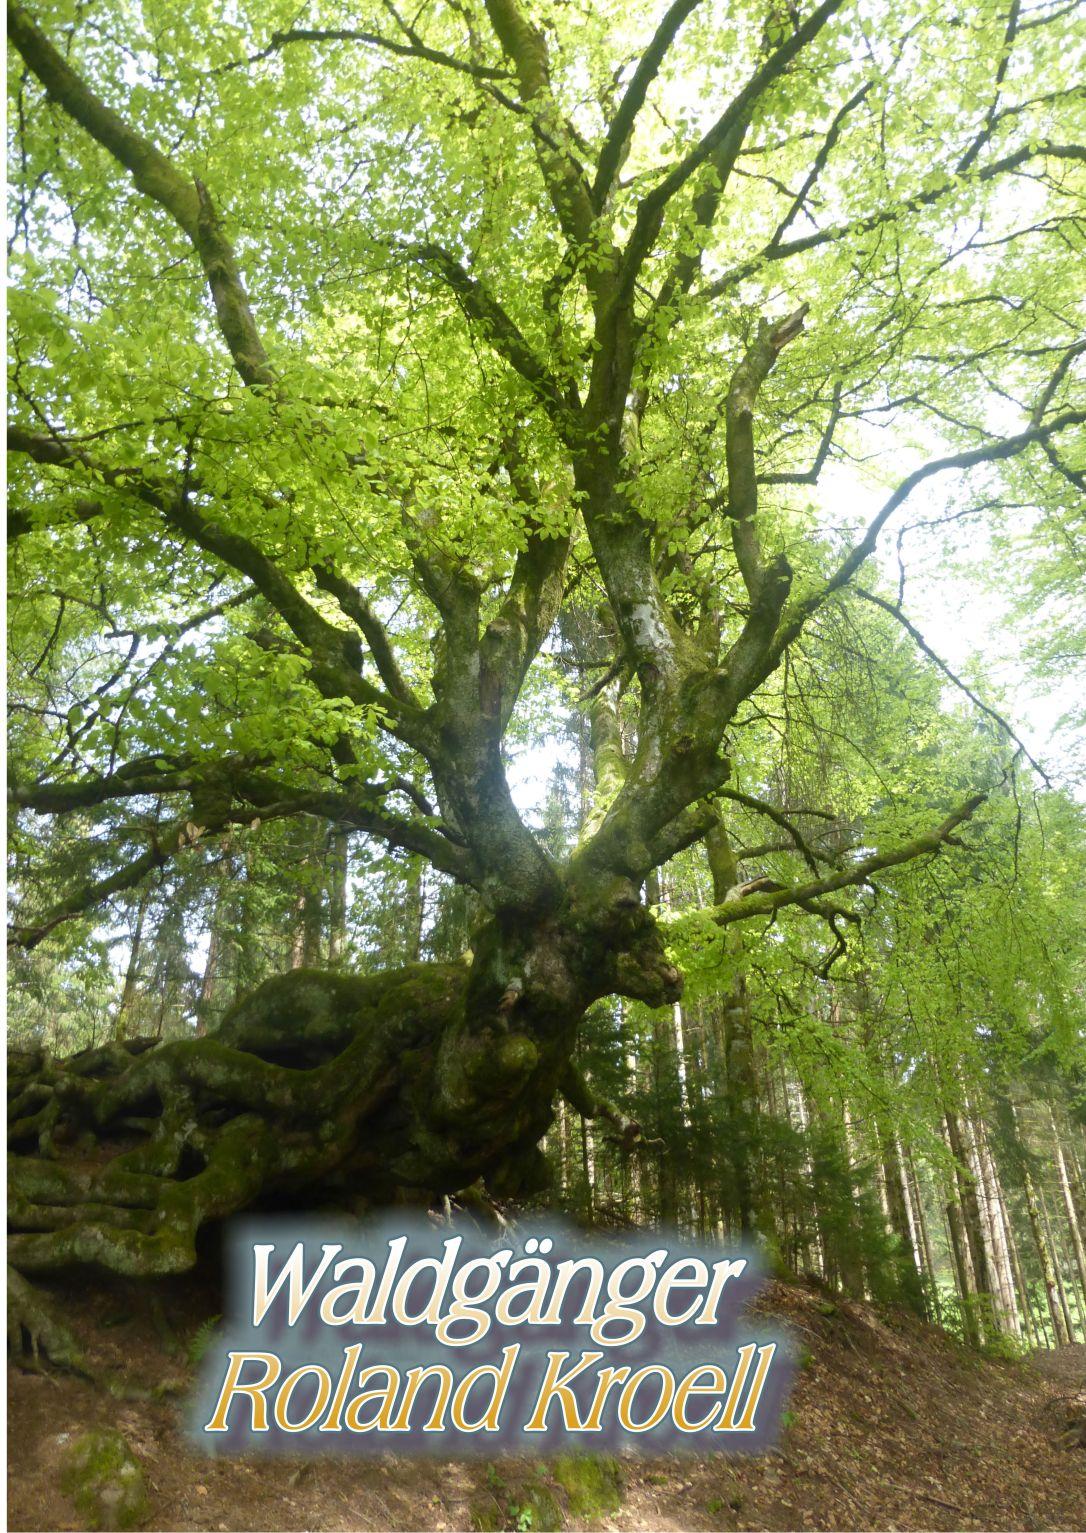 Waldgänger Cover